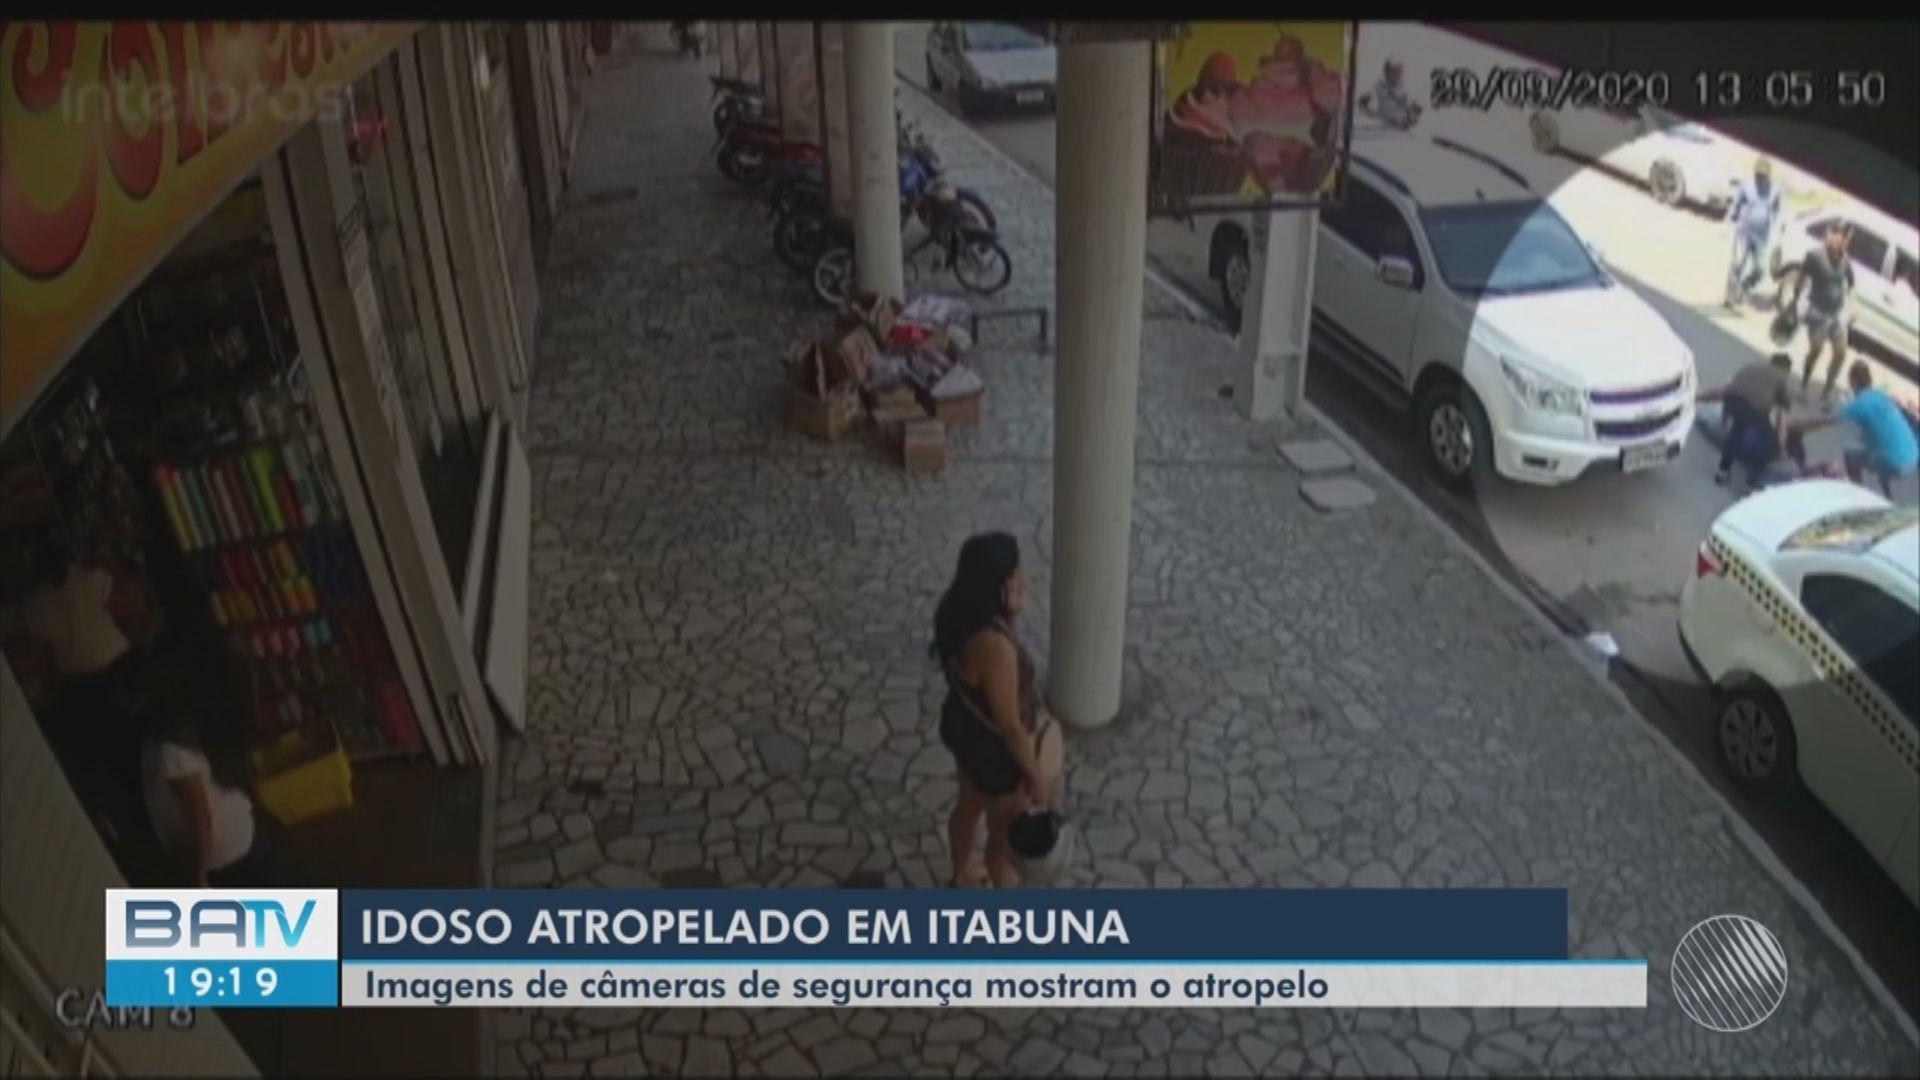 Idoso é atropelado por moto em  Itabuna, sul da Bahia; vídeo mostra acidente